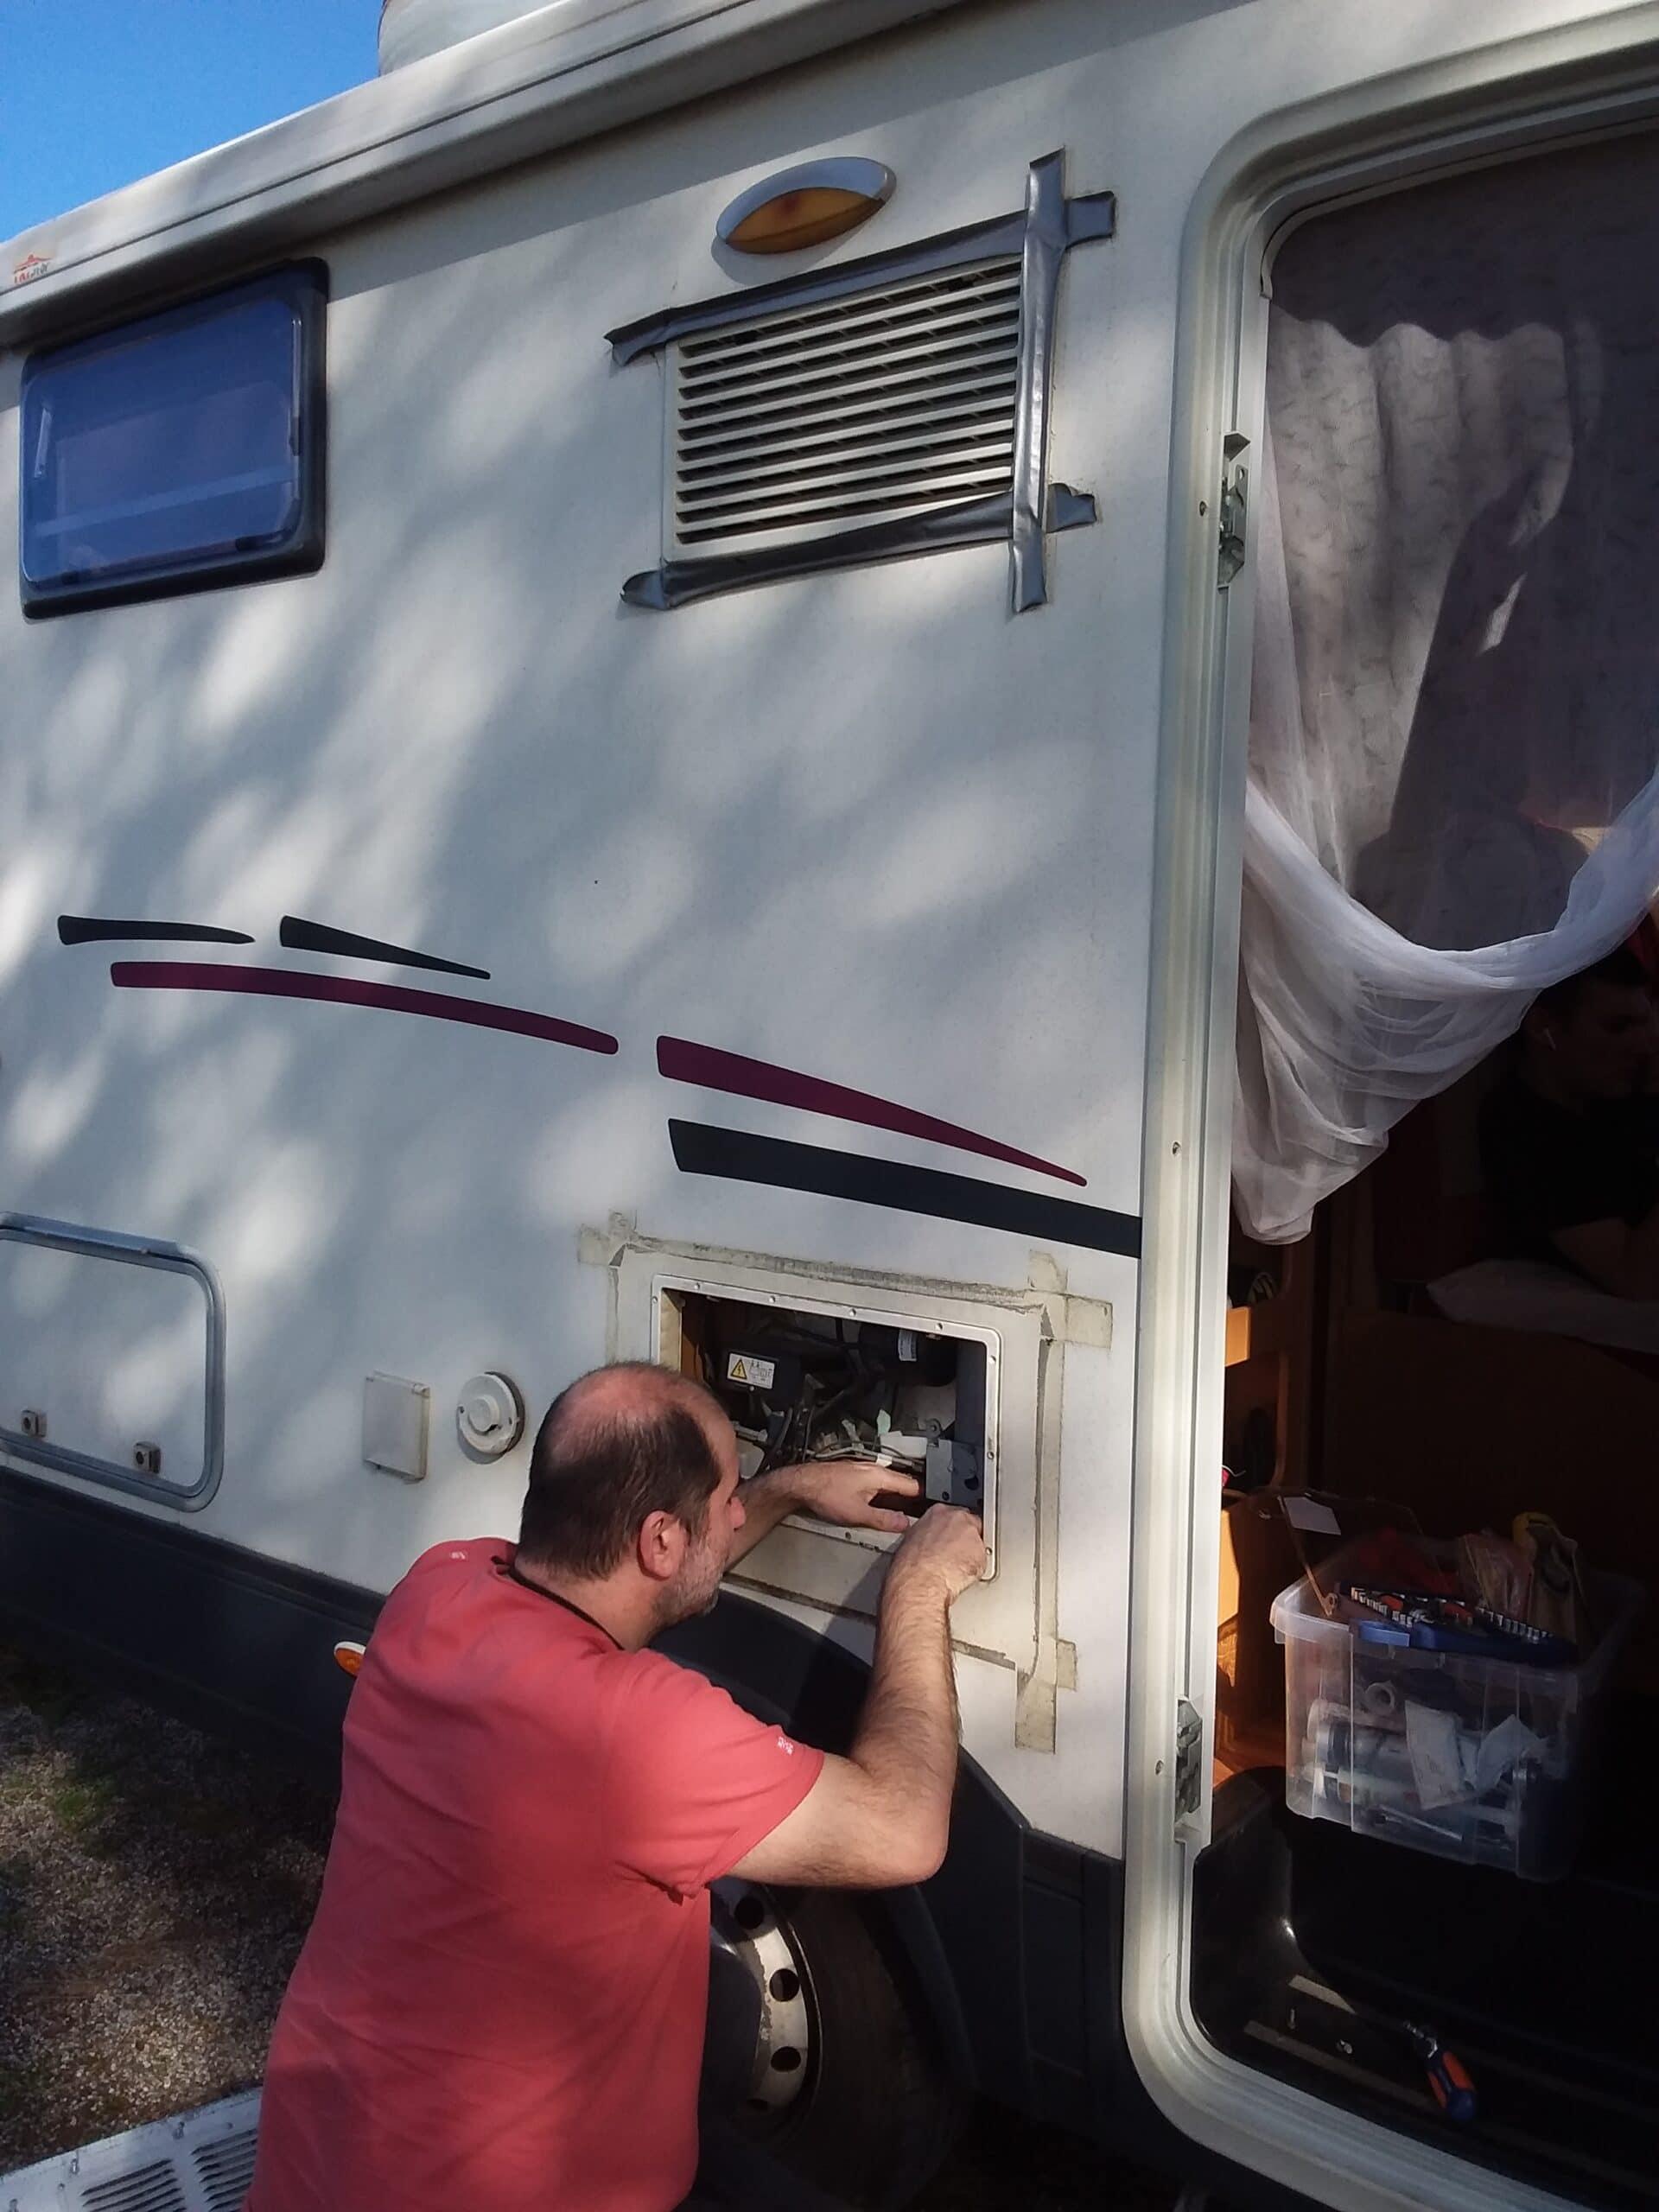 Panne du frigo sur le camping-car